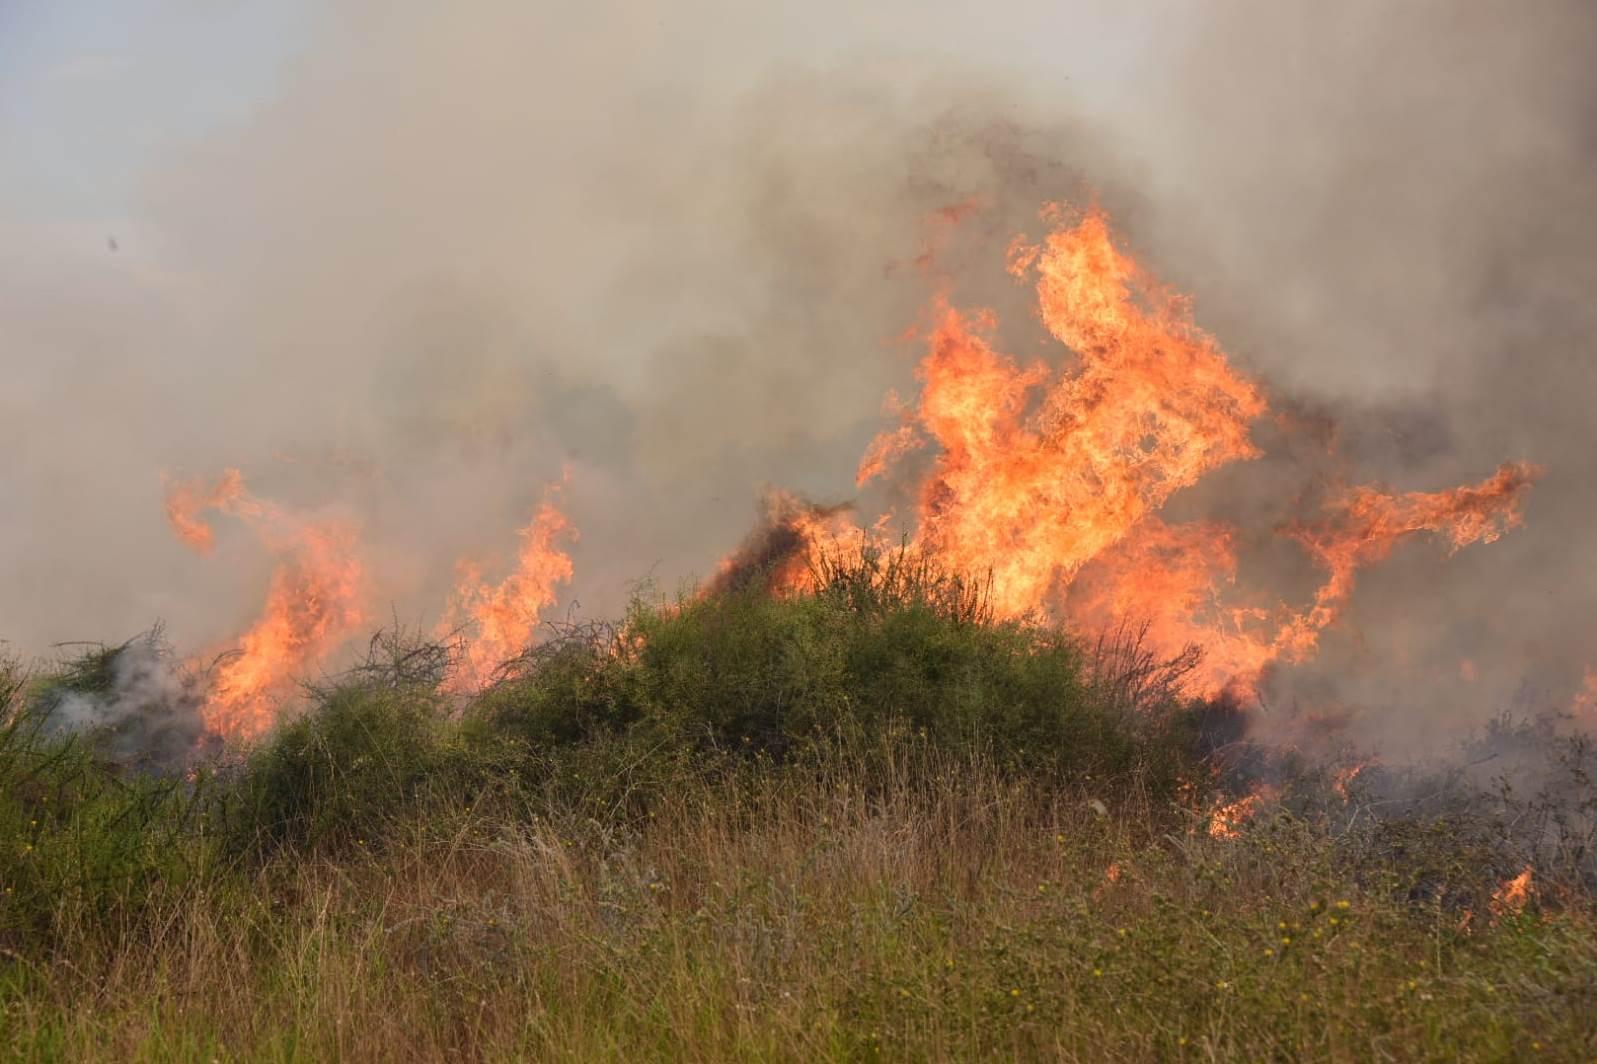 טרור העפיפונים: לוחמי האש מטפלים במספר מוקדי שריפות בעוטף